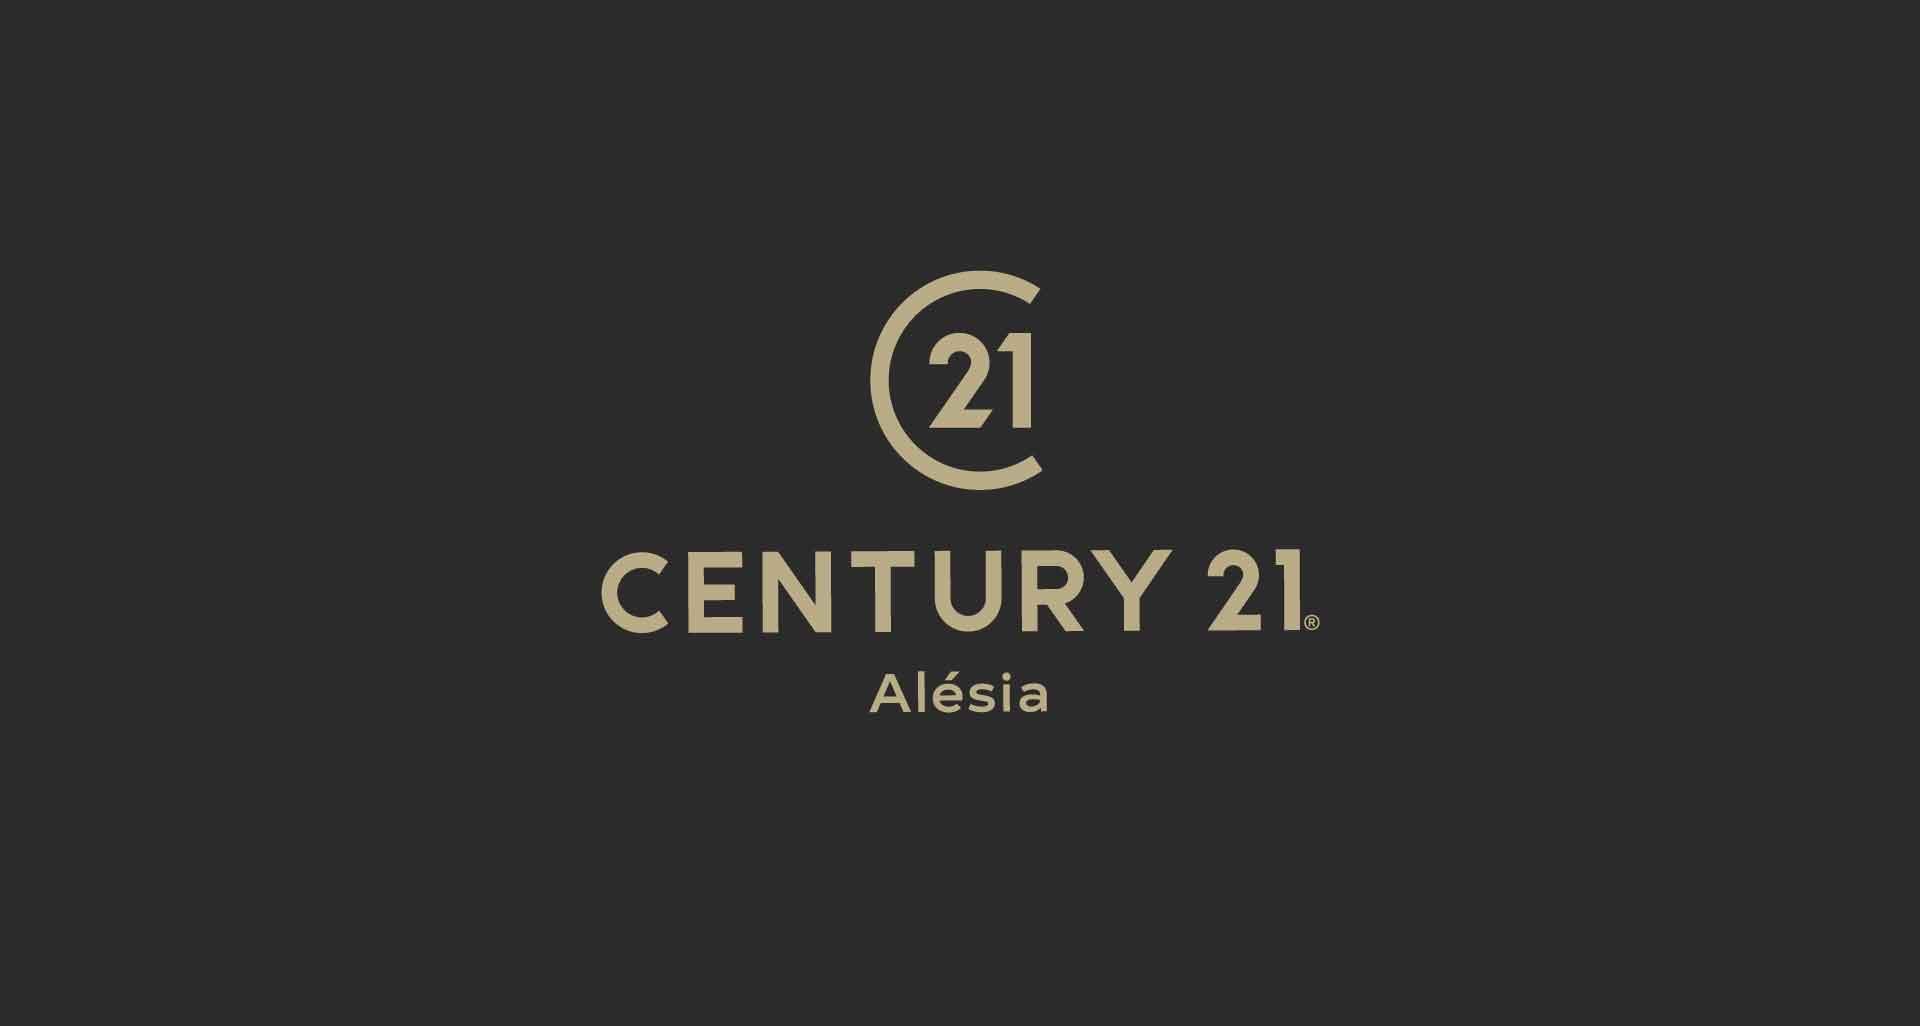 Refonte de l'identité graphique pour Century 21 Alesia par l'agence Cassian